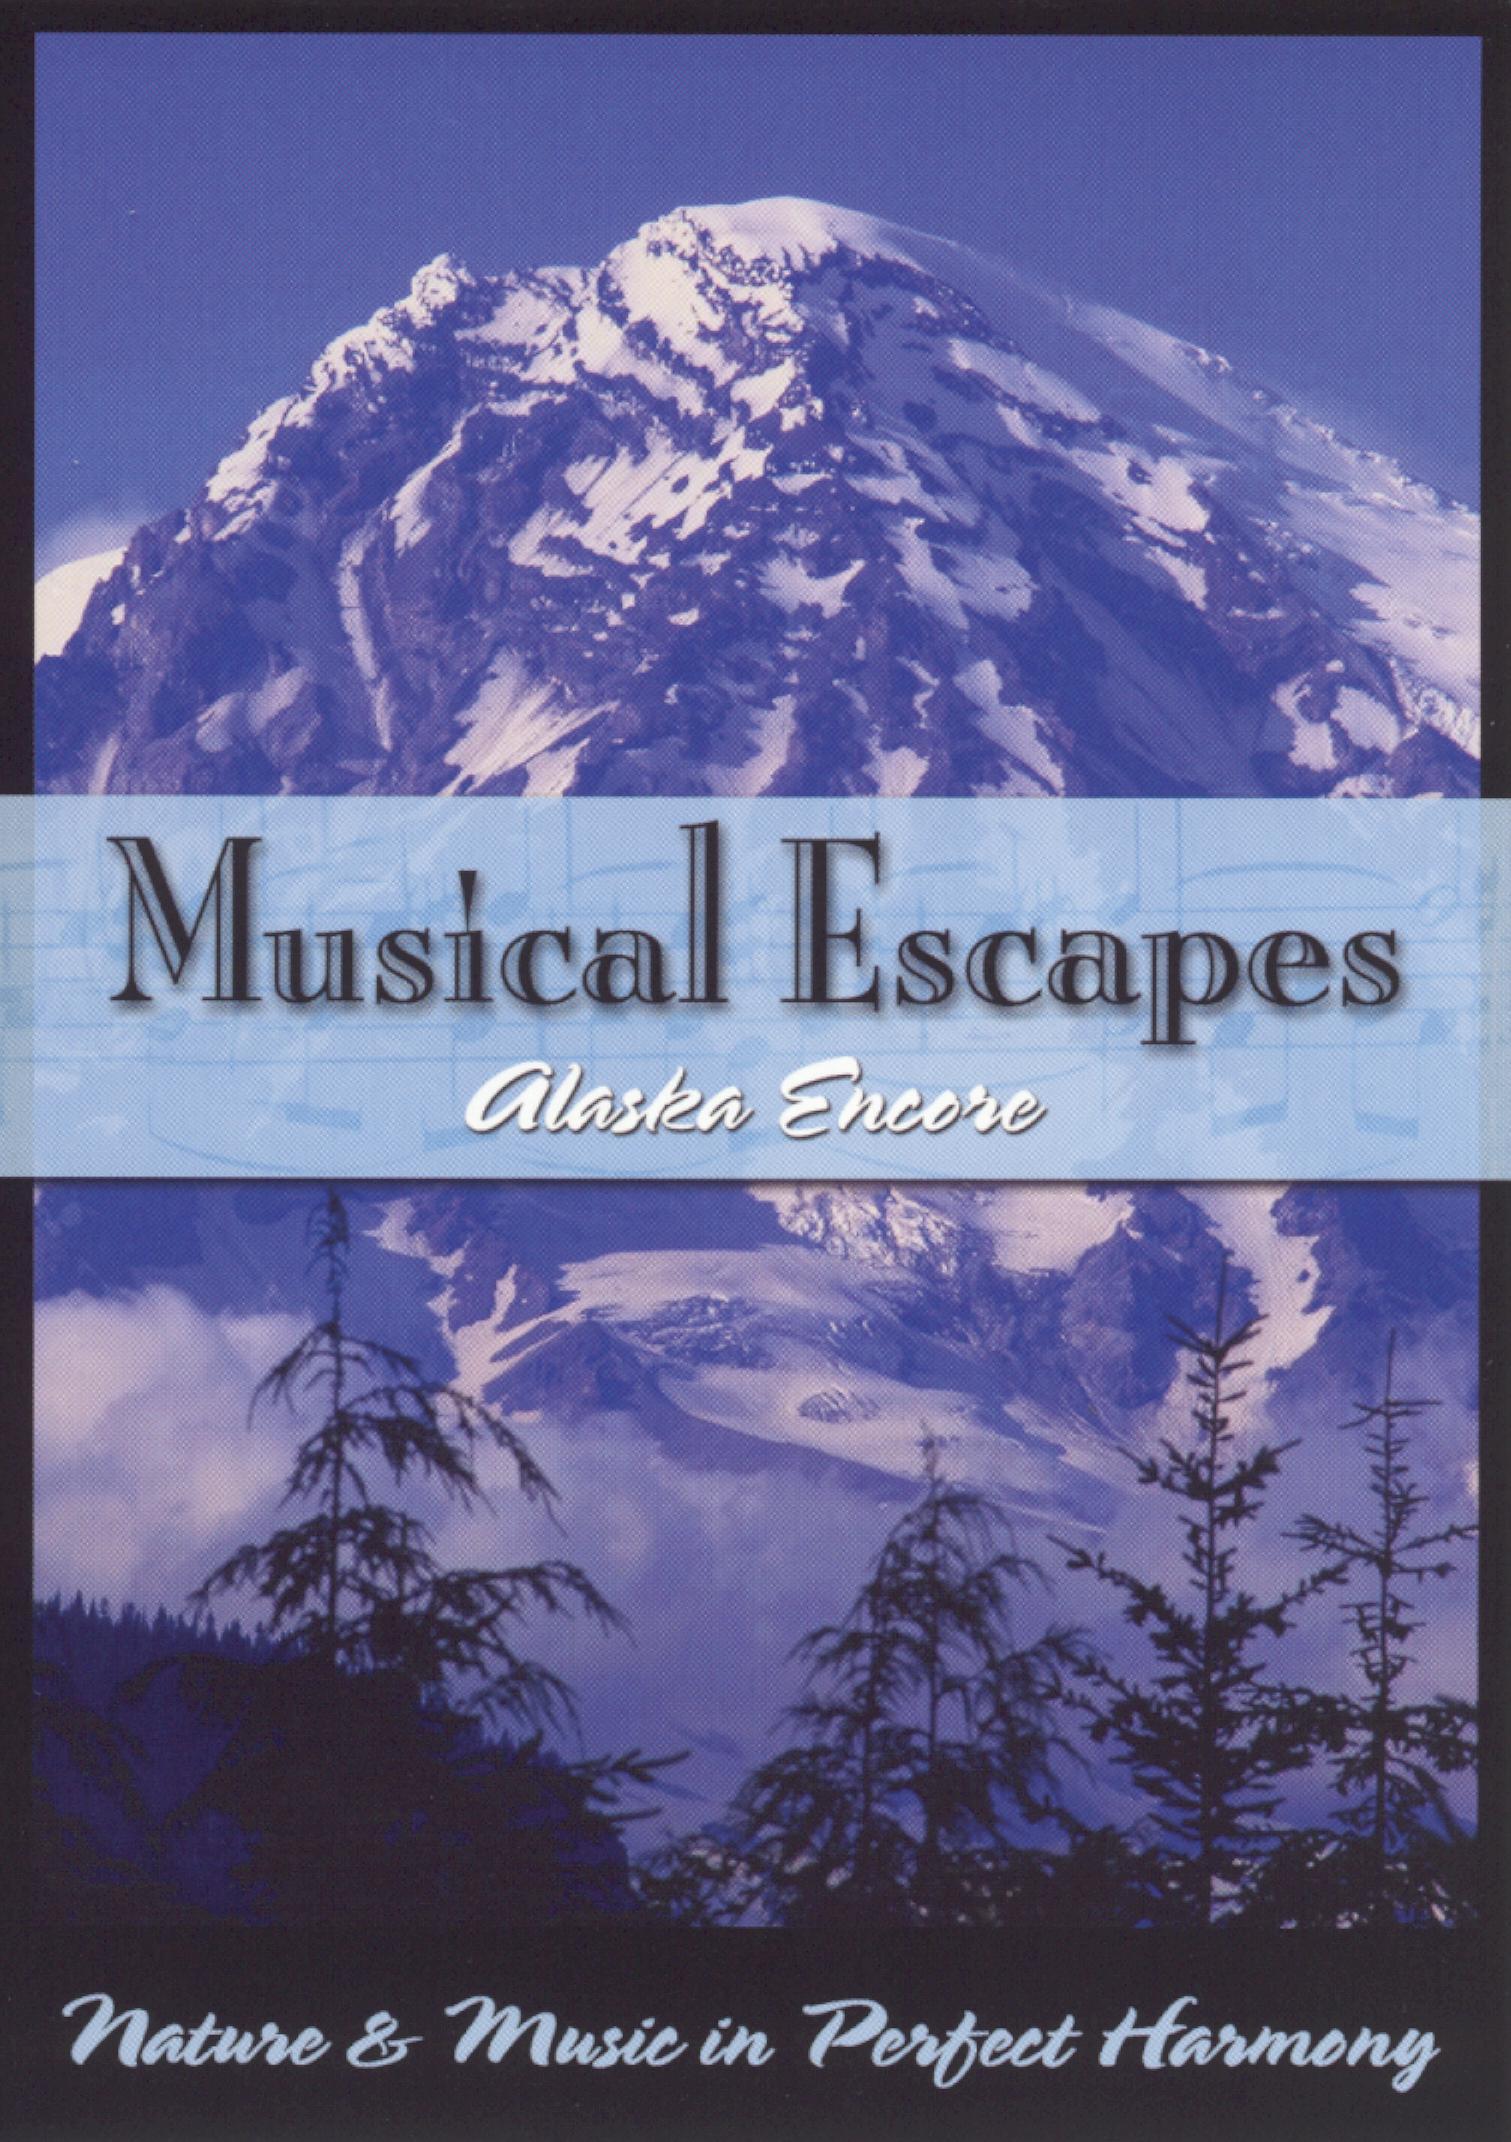 Musical Escapes, Vol. 4: Alaska Encore